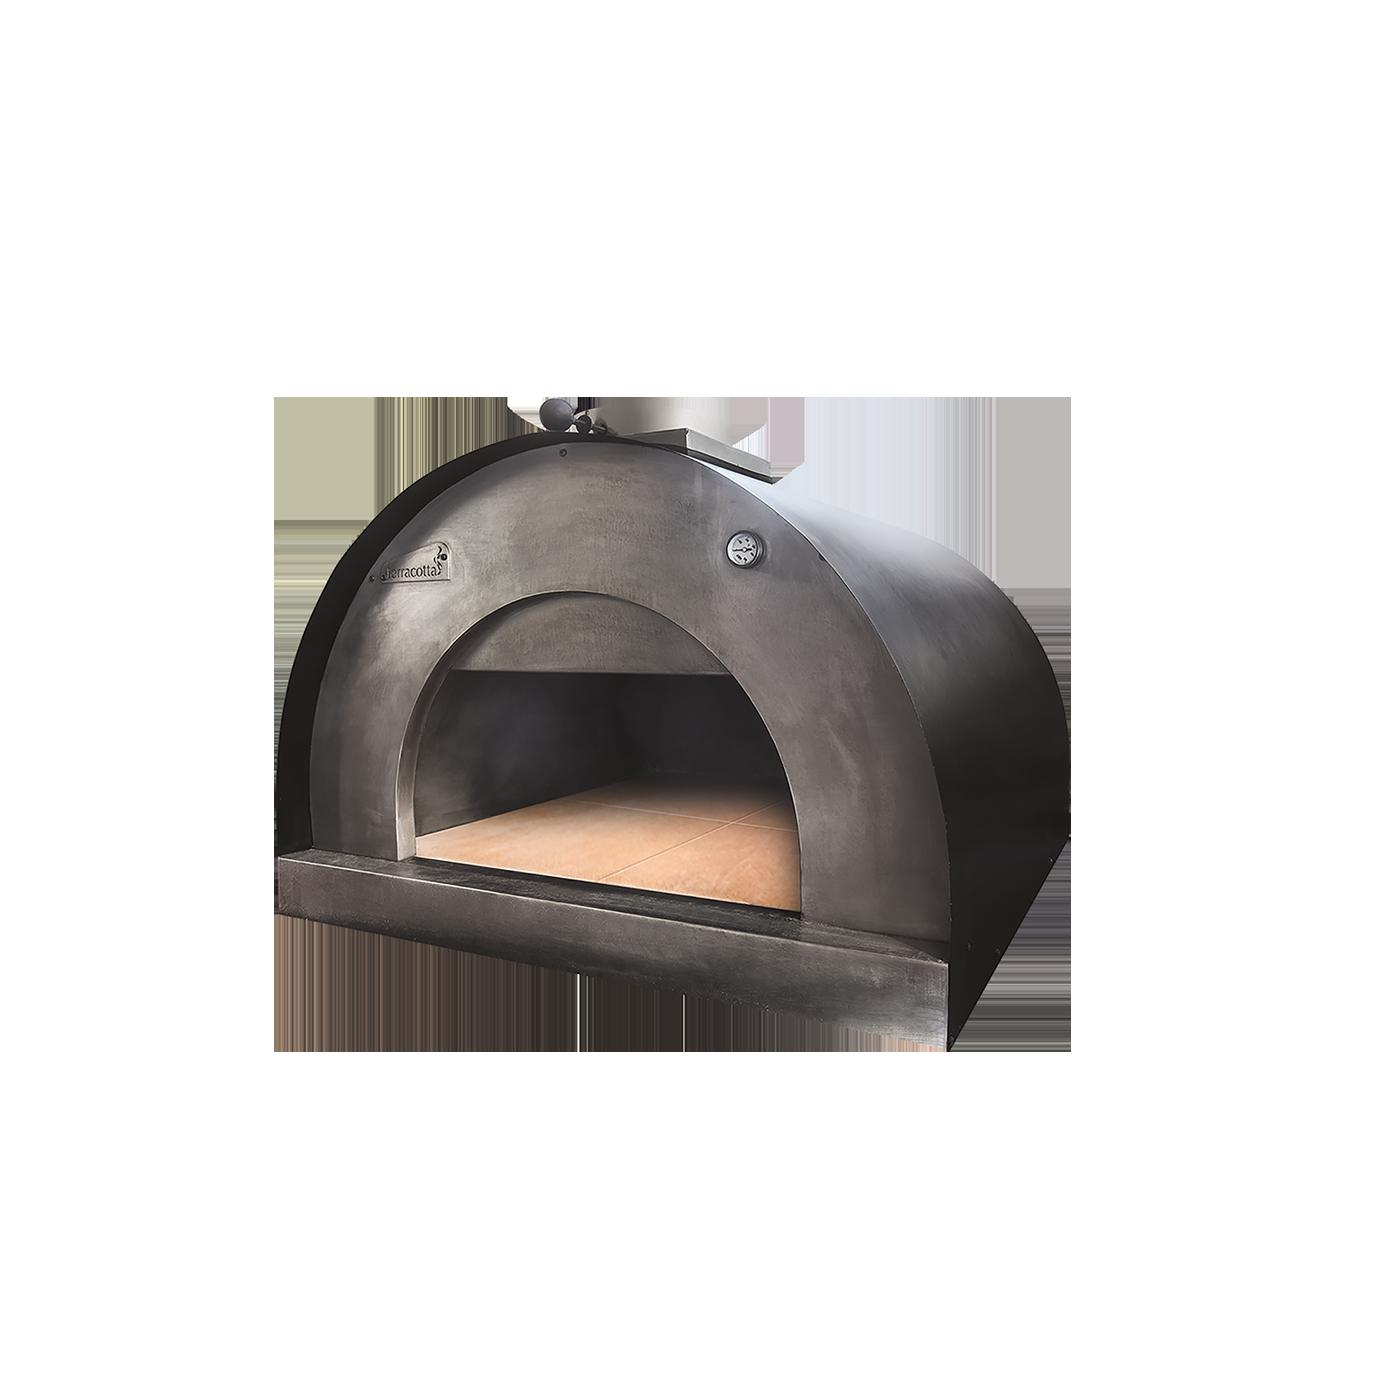 Forni A Legna Per Pizza In Terracotta Forno A Legna E O Gas 2 O 3